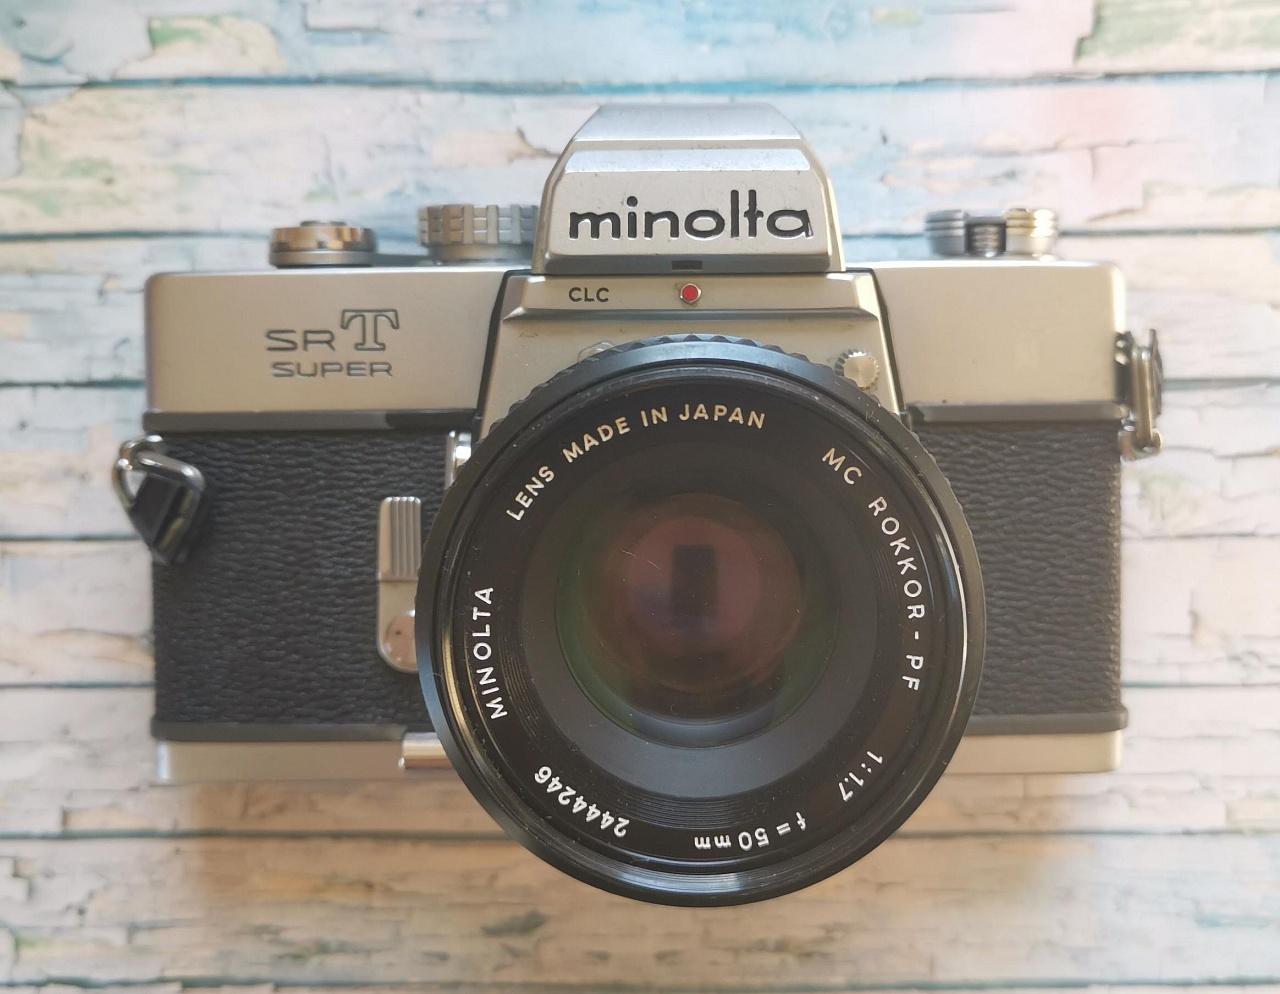 Пленочные камеры Minolta SRT super+ Minolta mc rokkor-pf 50 mm f/1.7 купить в Москве в интернет-магазине   Wonderfoto